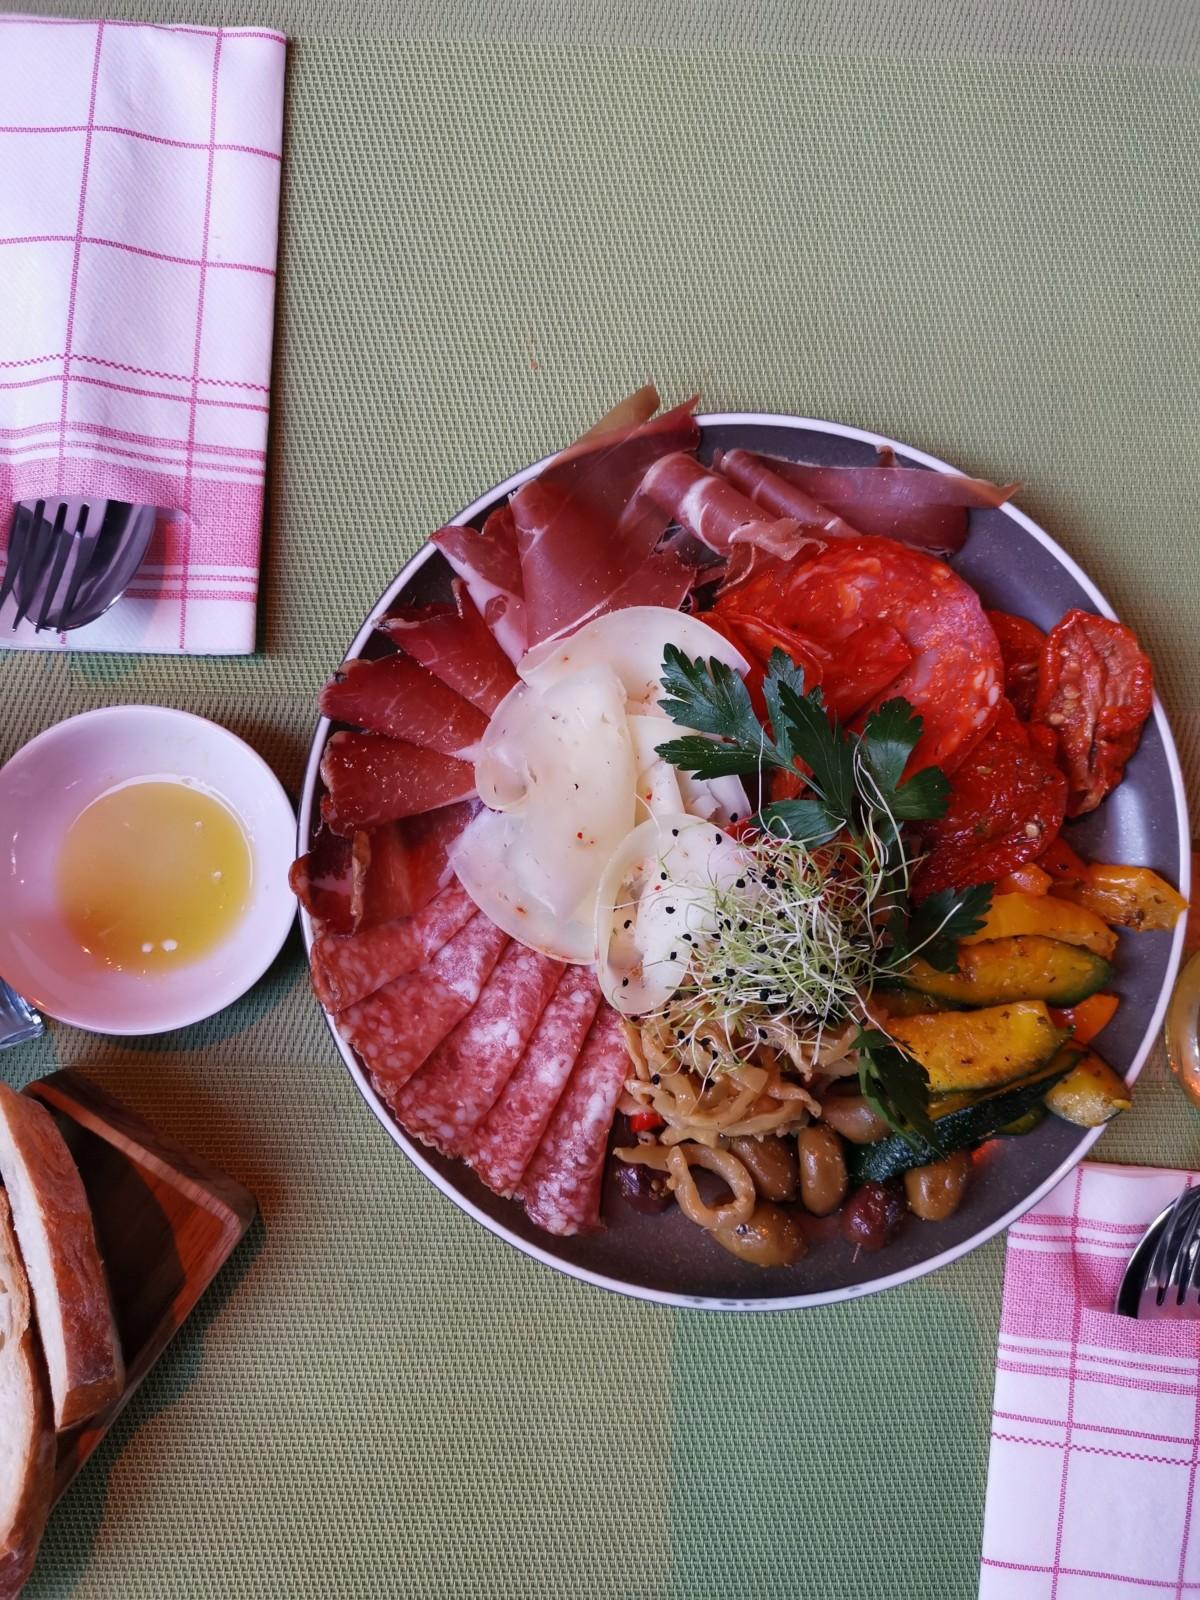 Schöne Antipasti zu fairen Preisen. Foto: Lunchgate/Max